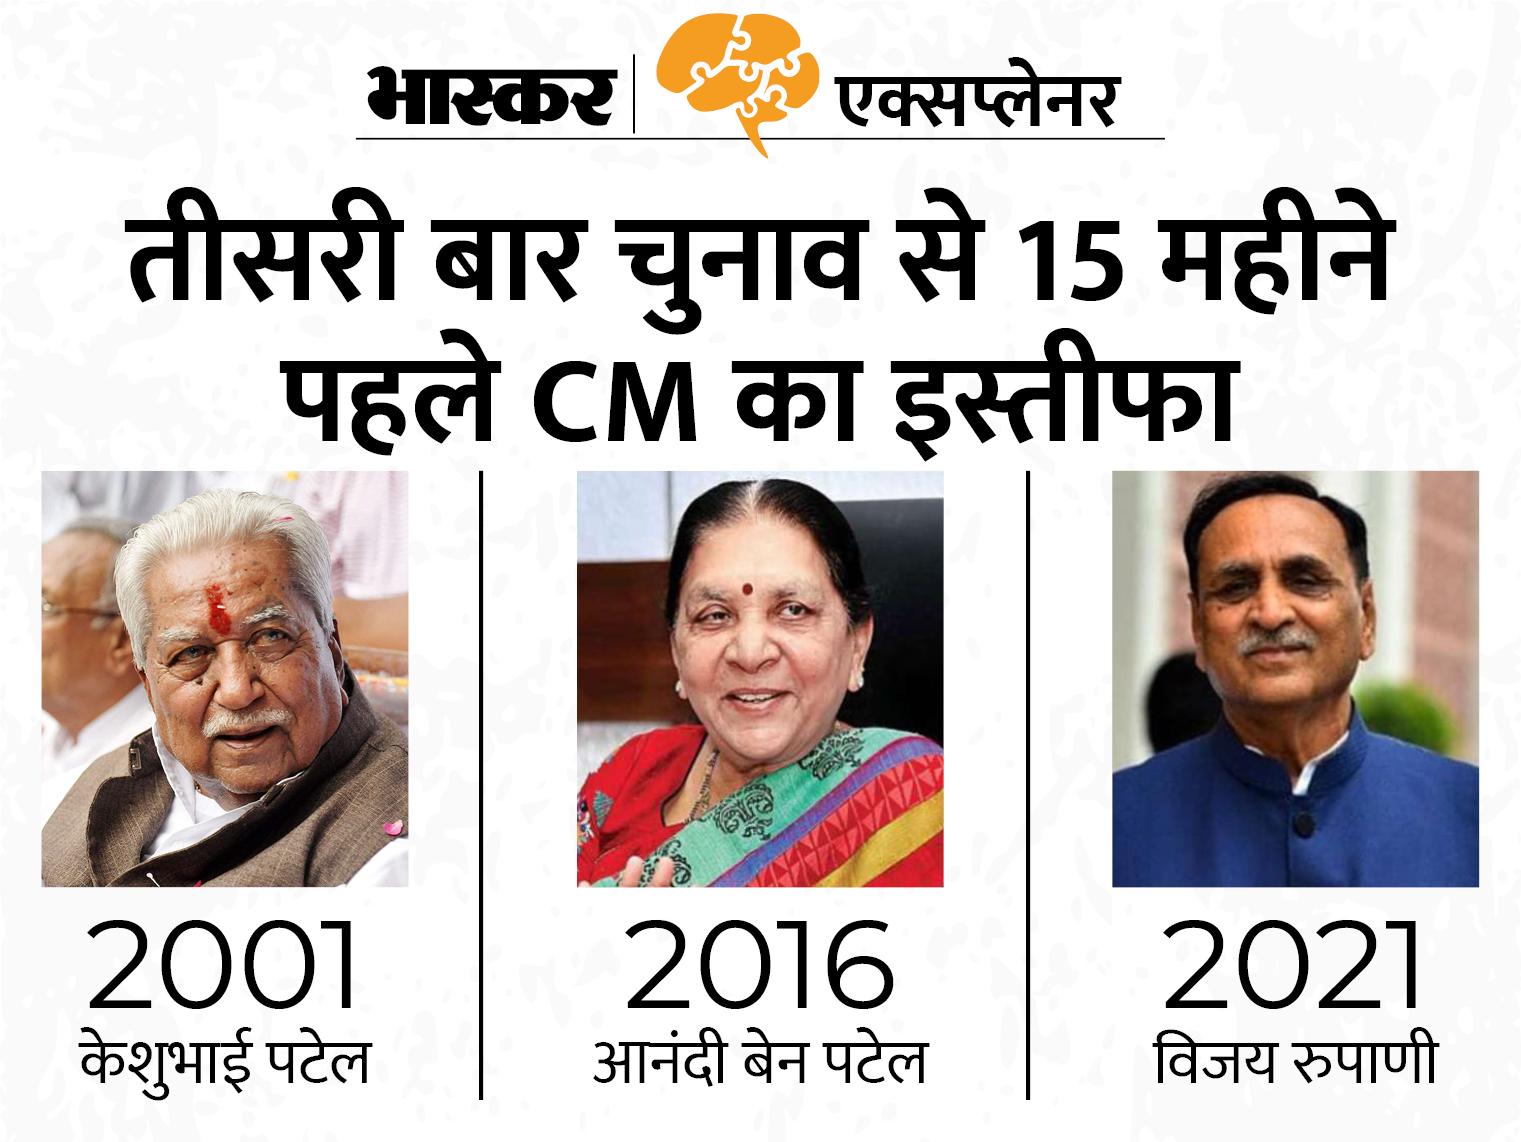 गुजरात में चुनाव से पहले भाजपा मुख्यमंत्री को क्यों बदल देती है? जानें रुपाणी को हटाए जाने के 5 कारण|एक्सप्लेनर,Explainer - Dainik Bhaskar